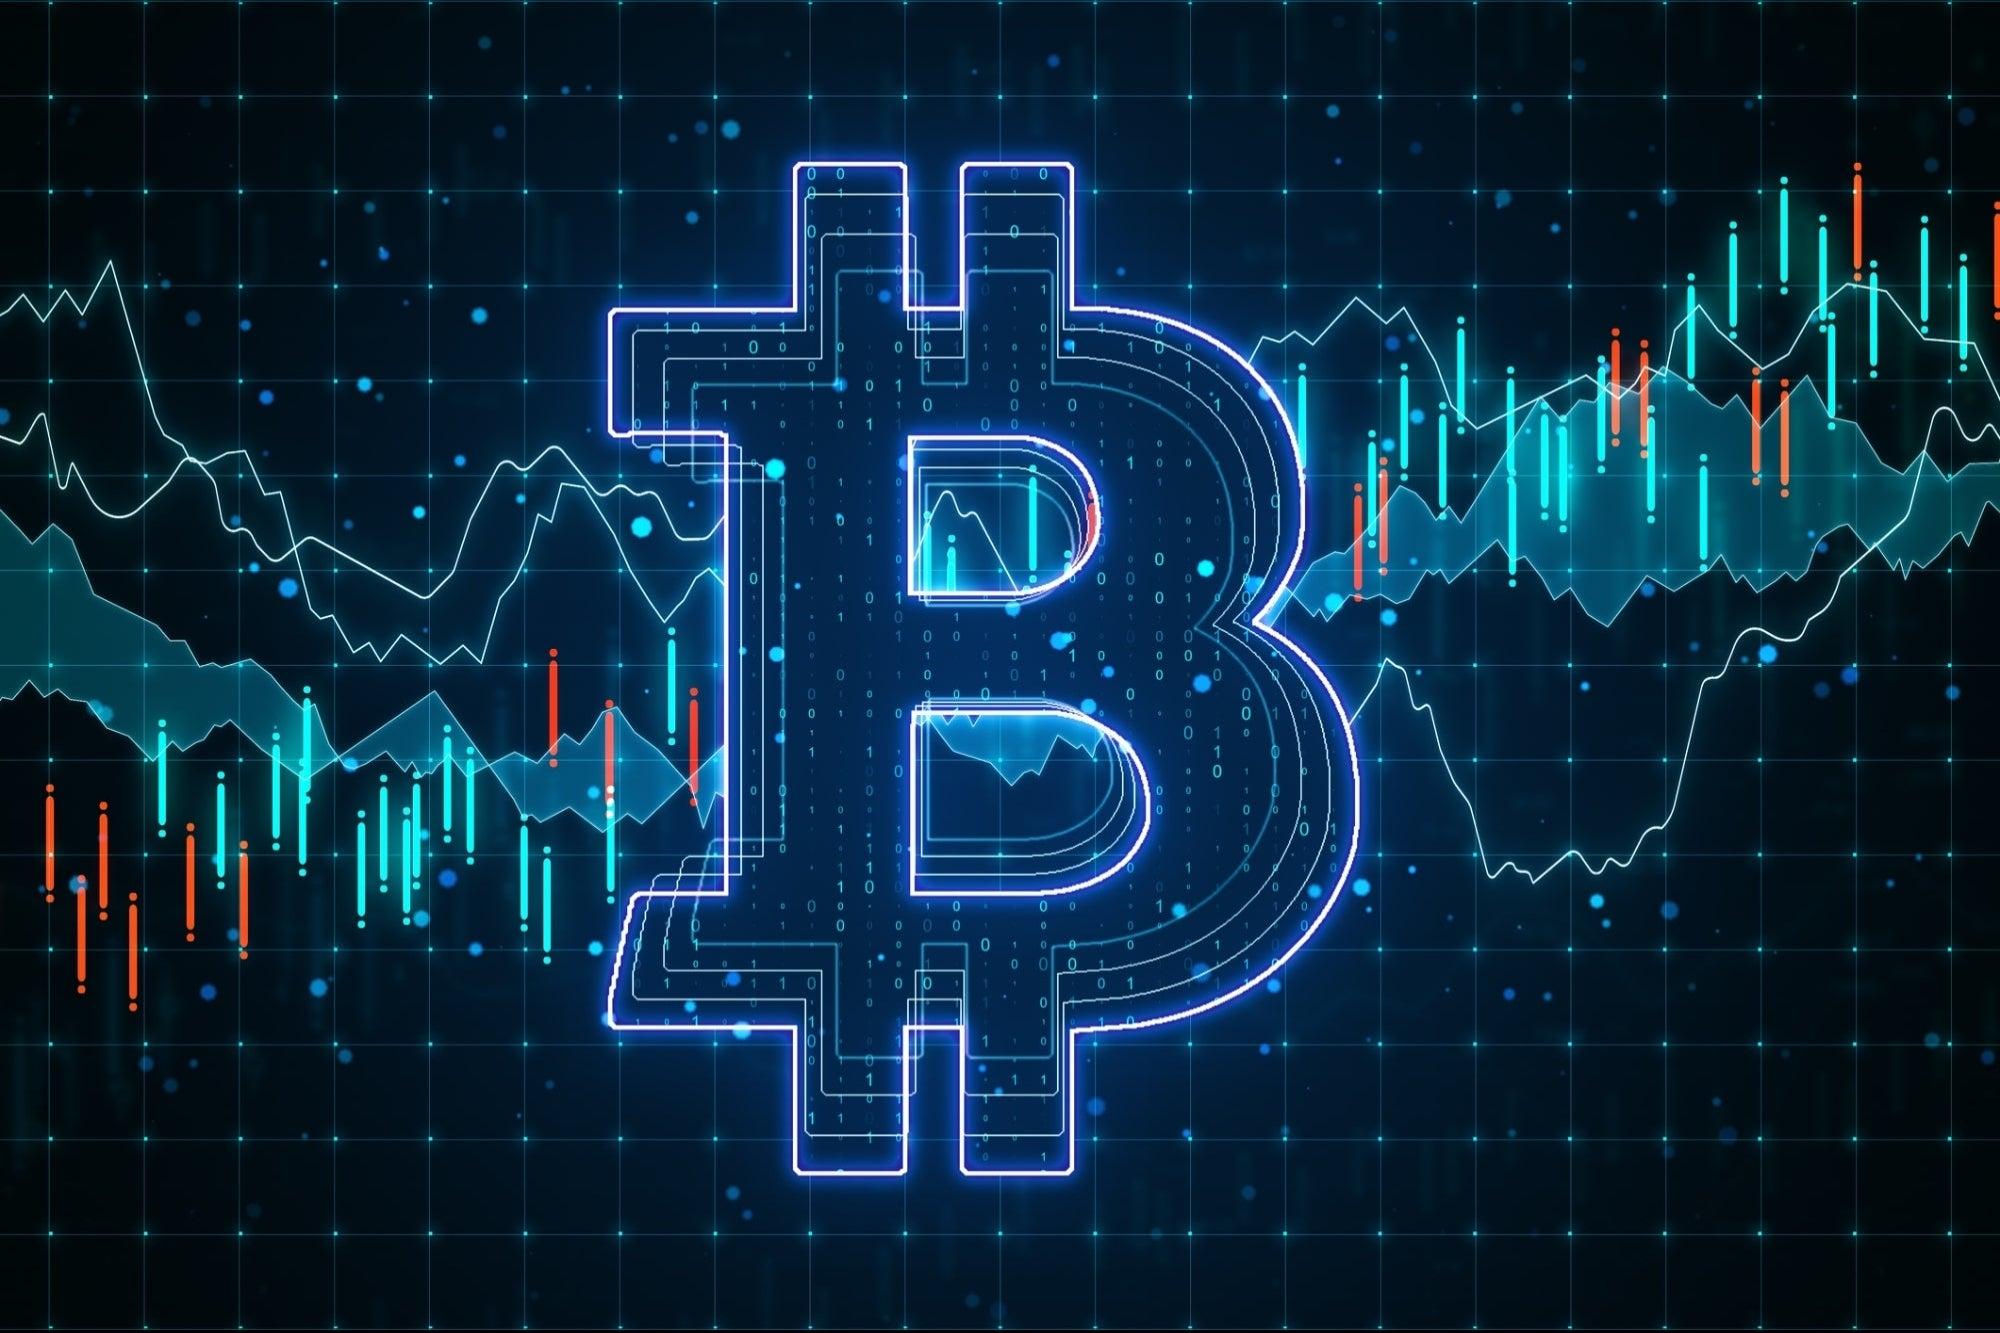 btc pelnas yra tikras modelio dienos prekybininkas bitcoin